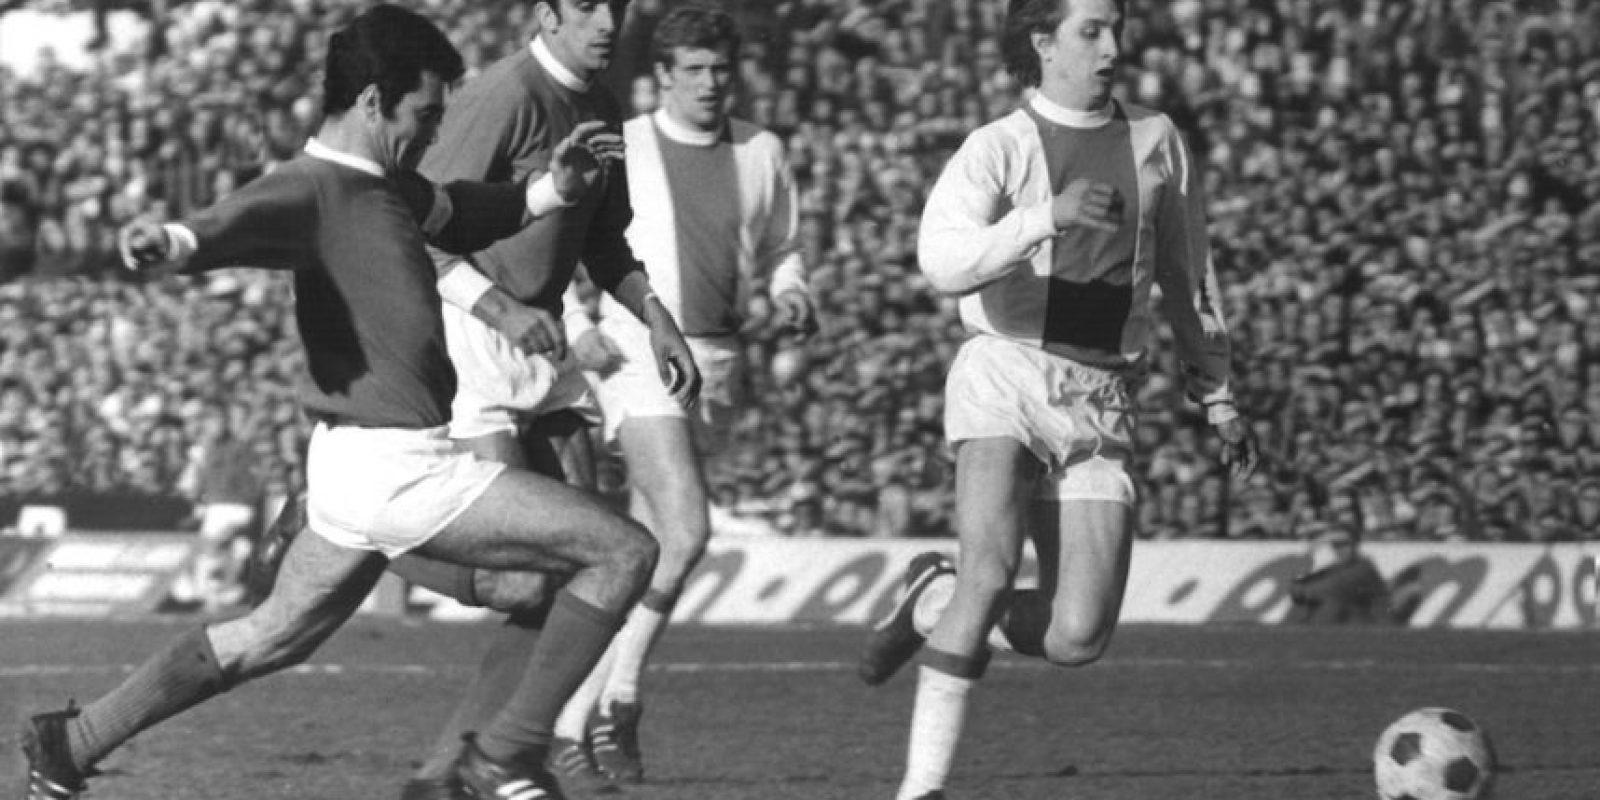 4. Su juego inteligente, técnica suprema y capacidad de liderazgo permitieron al FC Barcelona conquistar la Liga 1973-74 con una superioridad abrumadora, tras 14 años de sequía. Foto:Getty Images